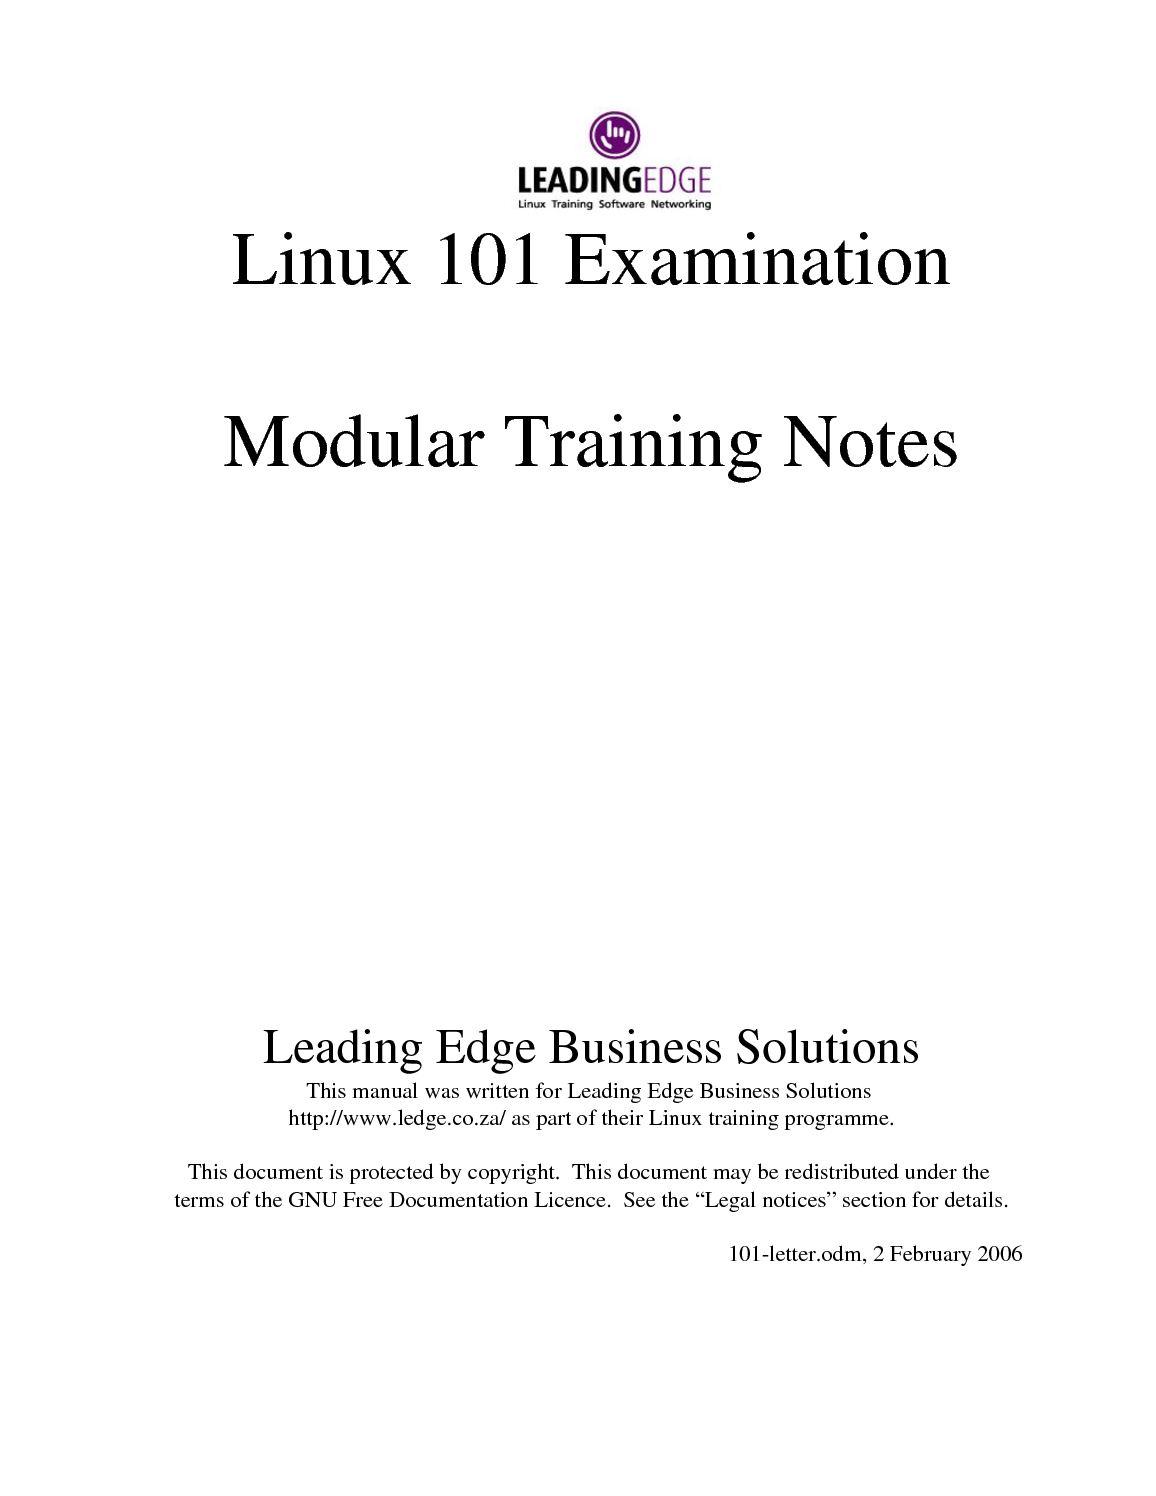 Calaméo - Linux 101 Examination Modular Training Notes